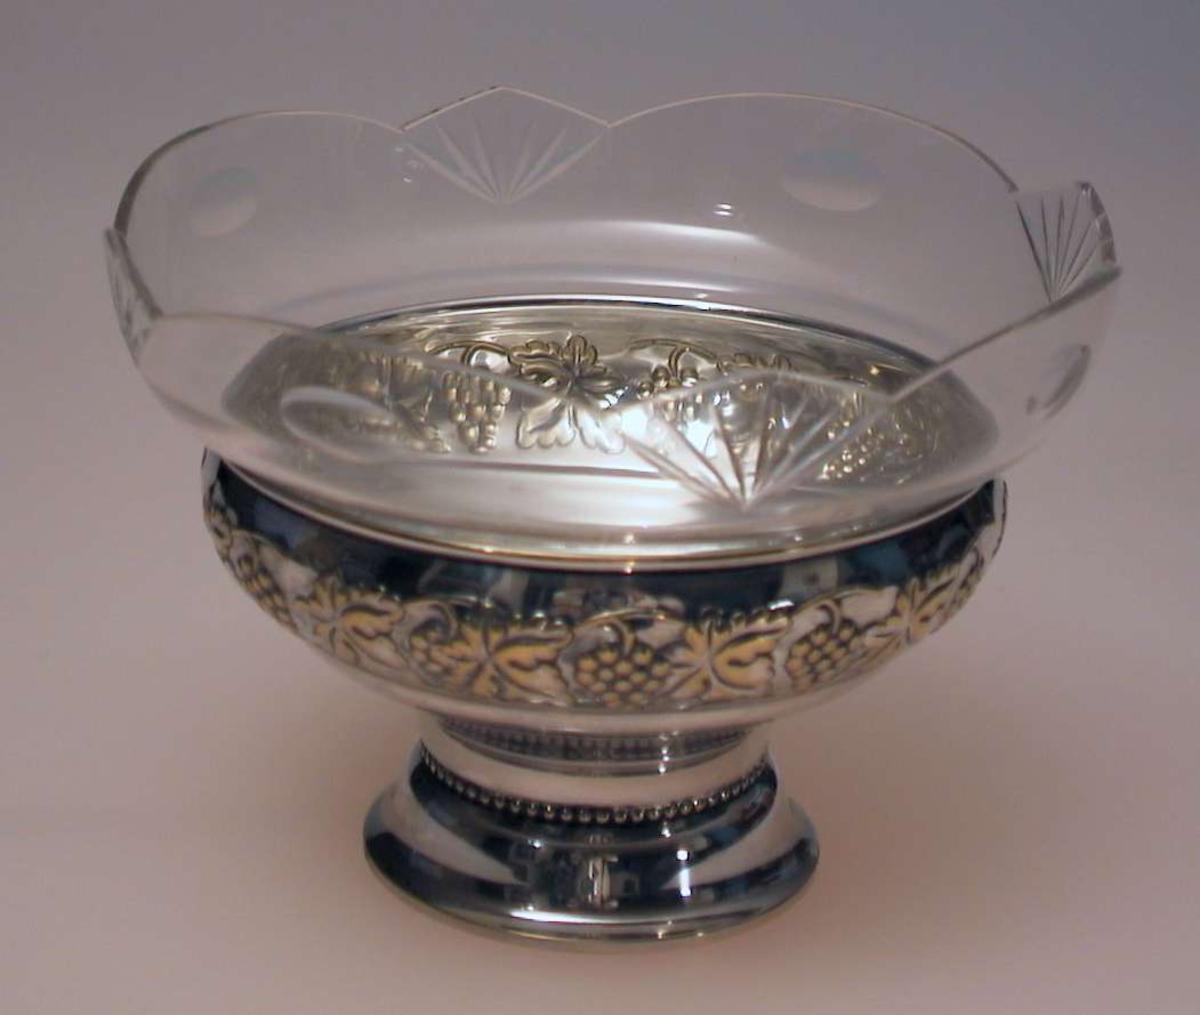 Bolle i sølvplett med glasskål. Bollen er dekorert med drueklaser. Skålen har bølget kant og vifteformet dekor slipt inn.